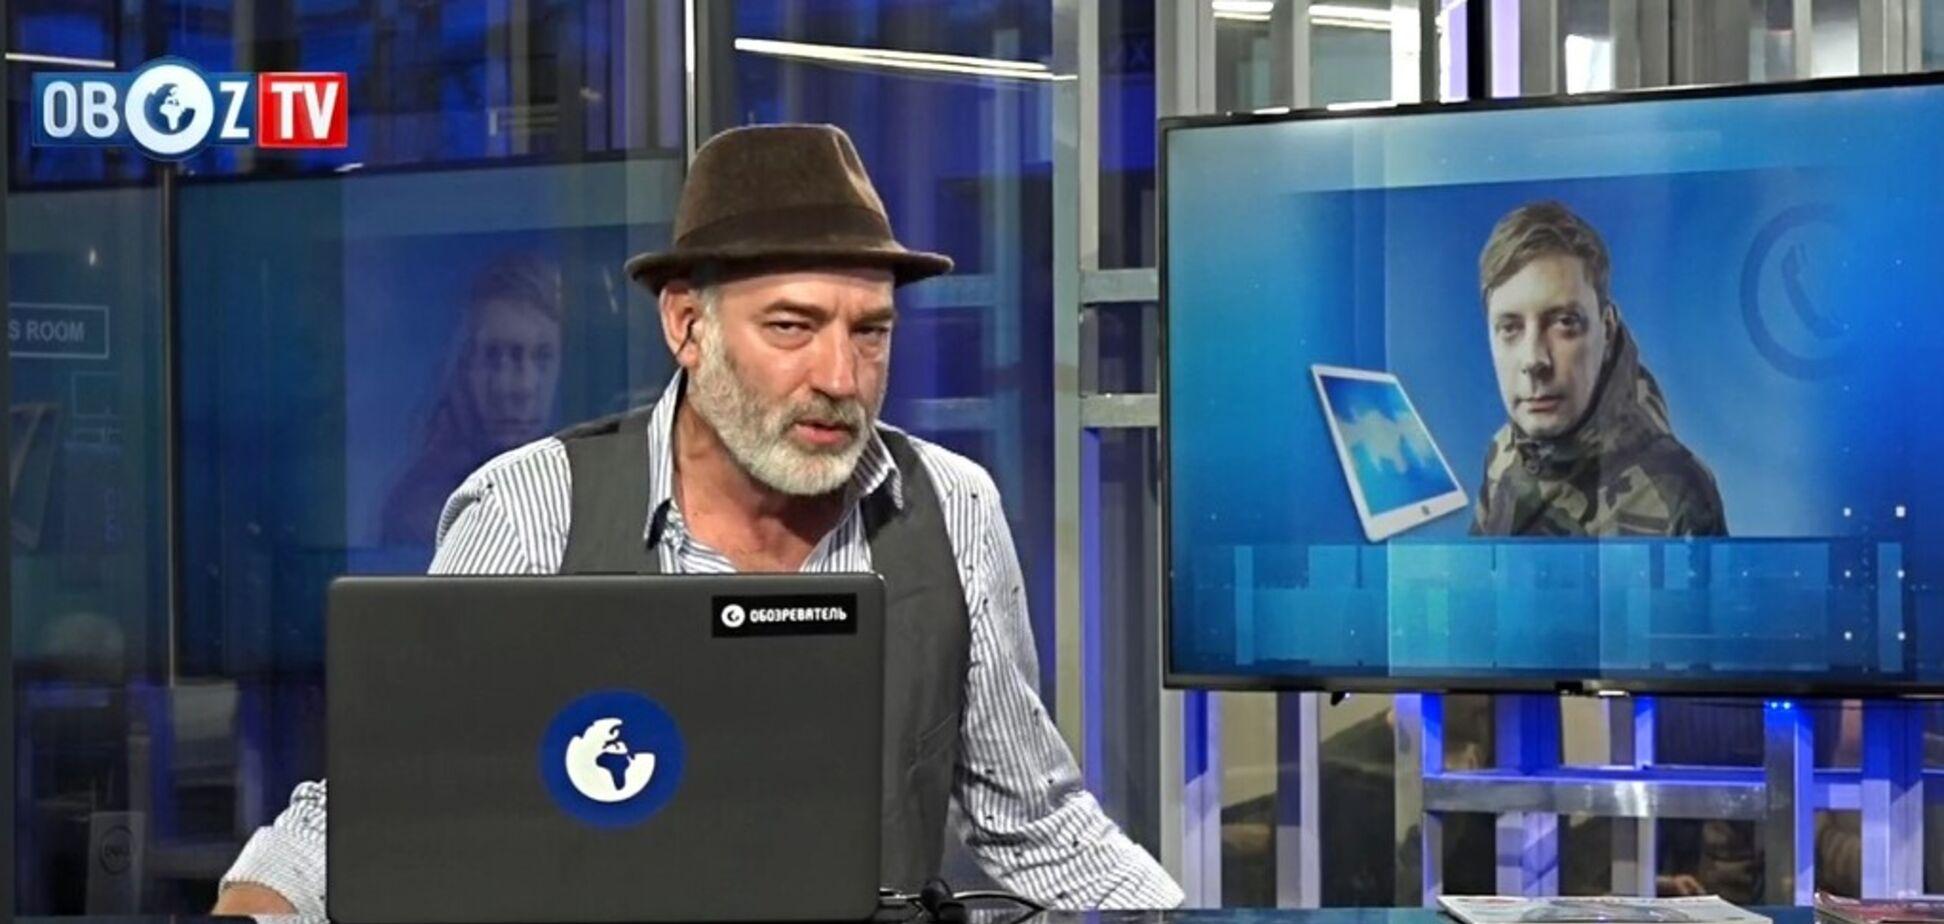 'Правый сектор' не причастен к покушению на Соболева: спикер освободительного движения